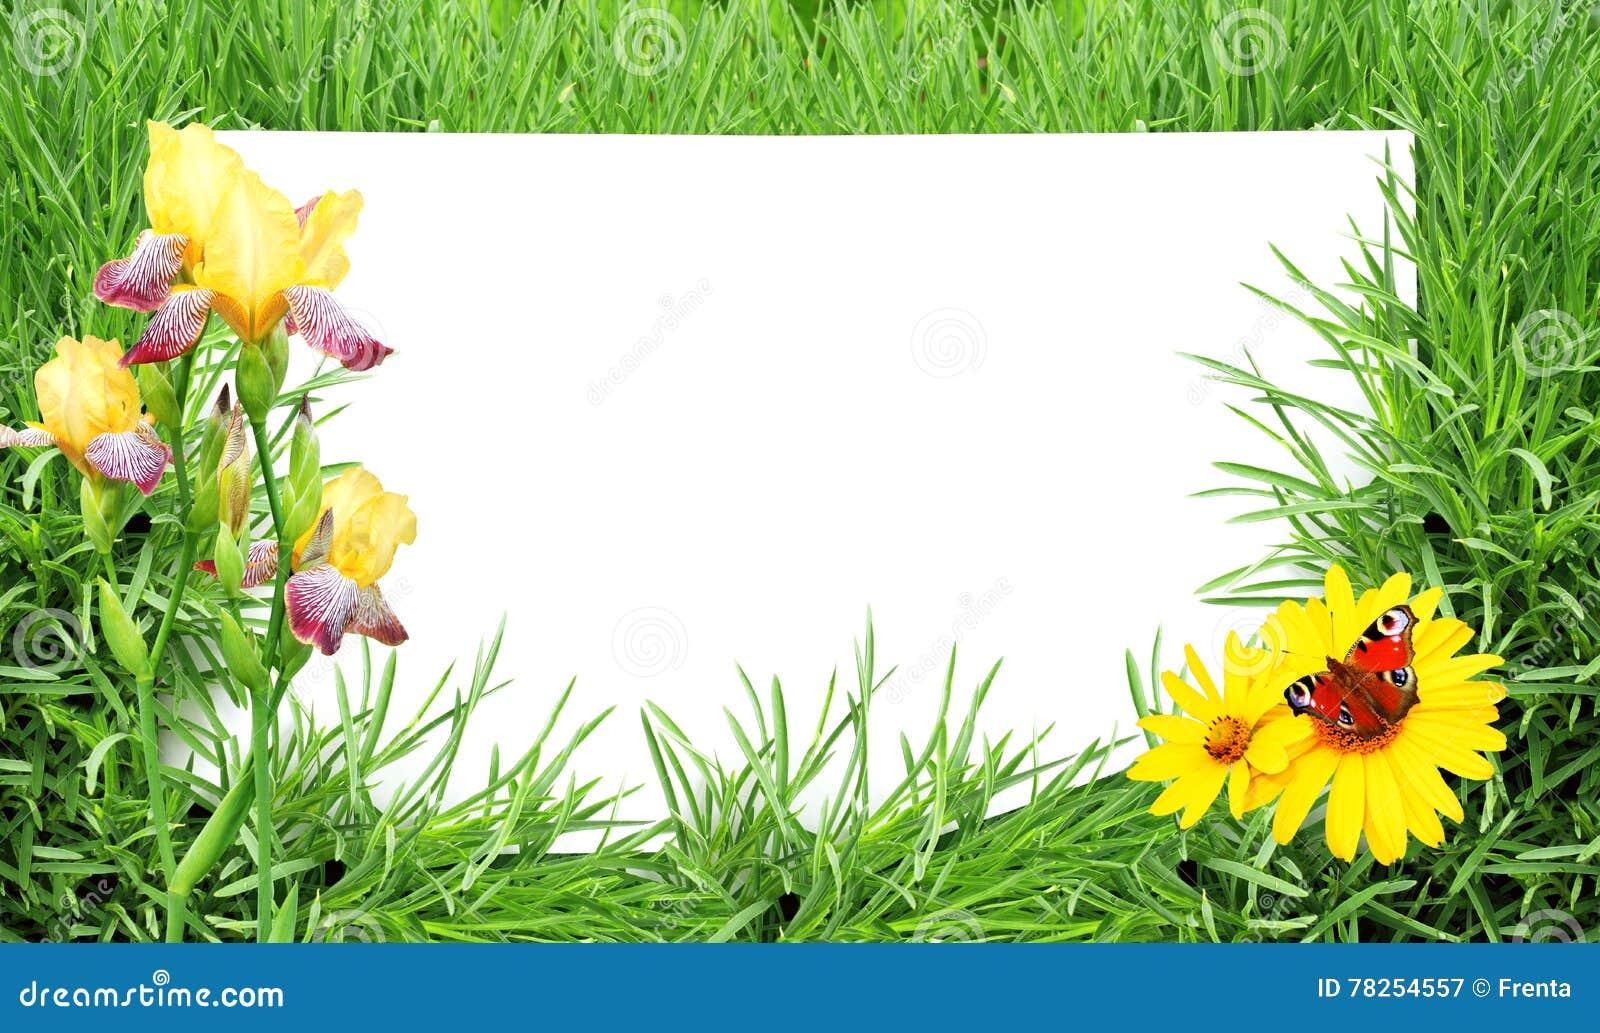 Πράσινα χλόη, λουλούδι, πεταλούδα και φύλλο της Λευκής Βίβλου